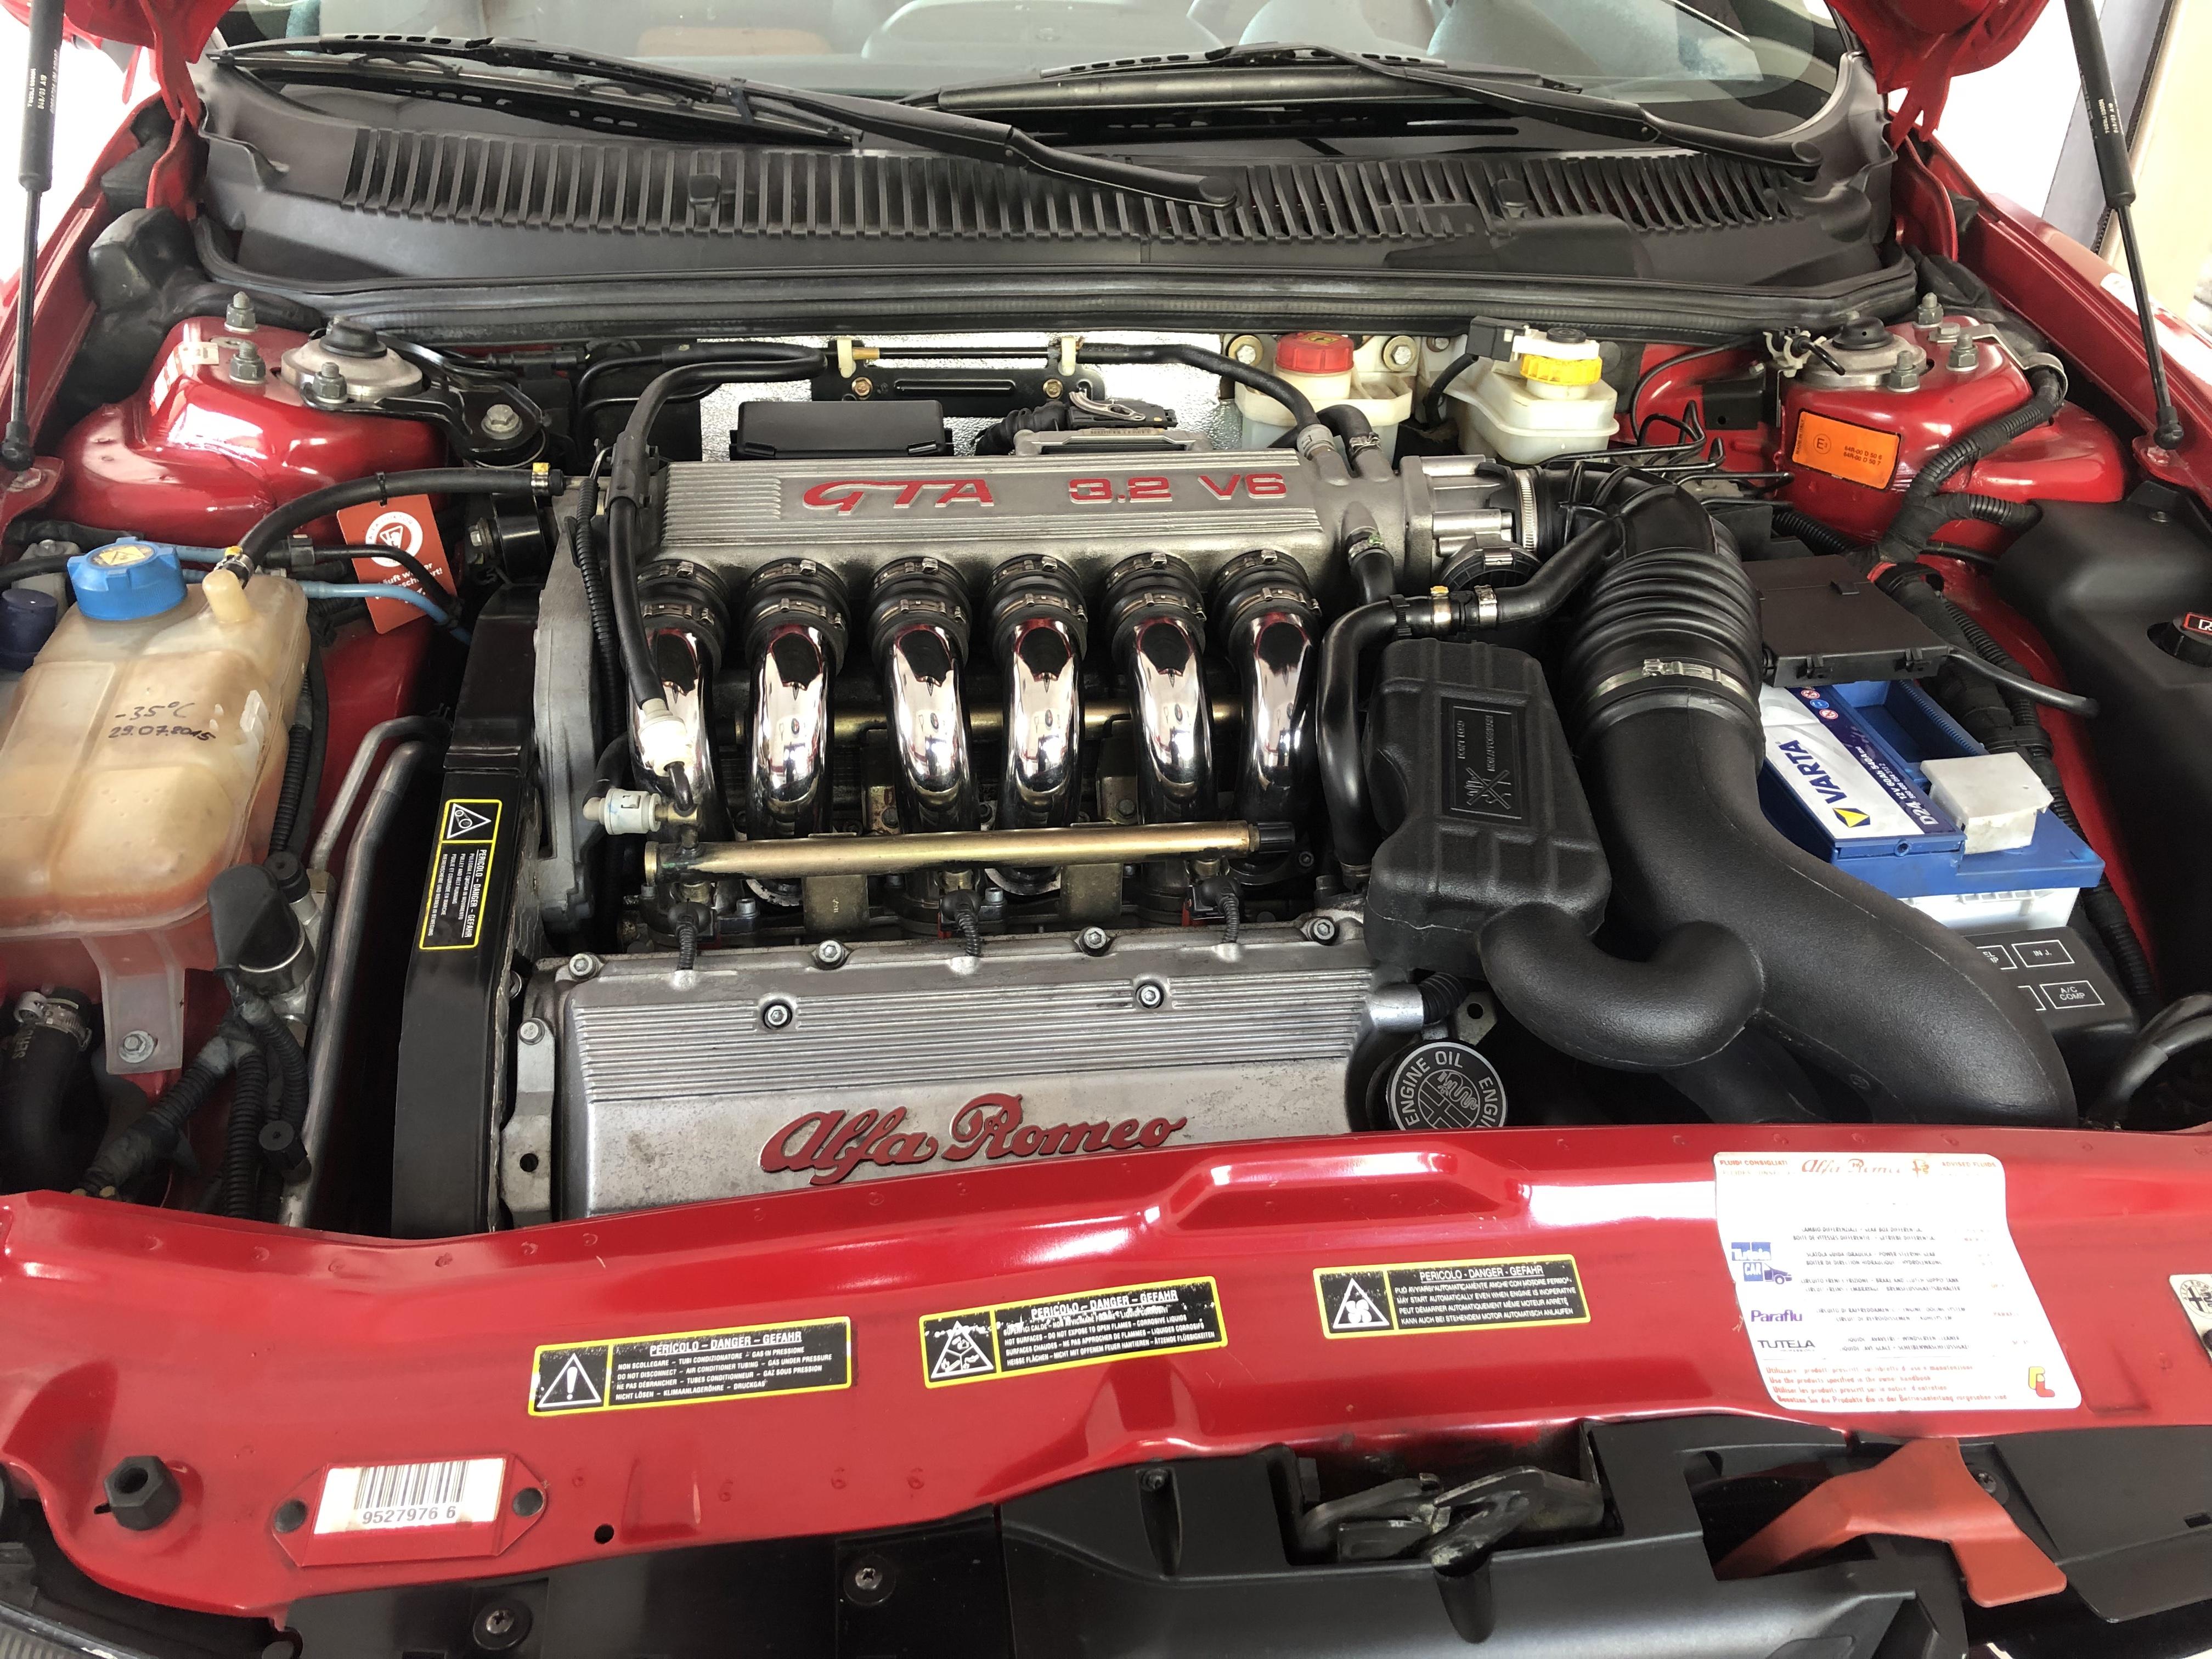 Heute stand in der Werkstatt vom Alfadoktor ein Wechsel der Lichtmaschine an einem Alfa Romeo 156 3,2 GTA an.